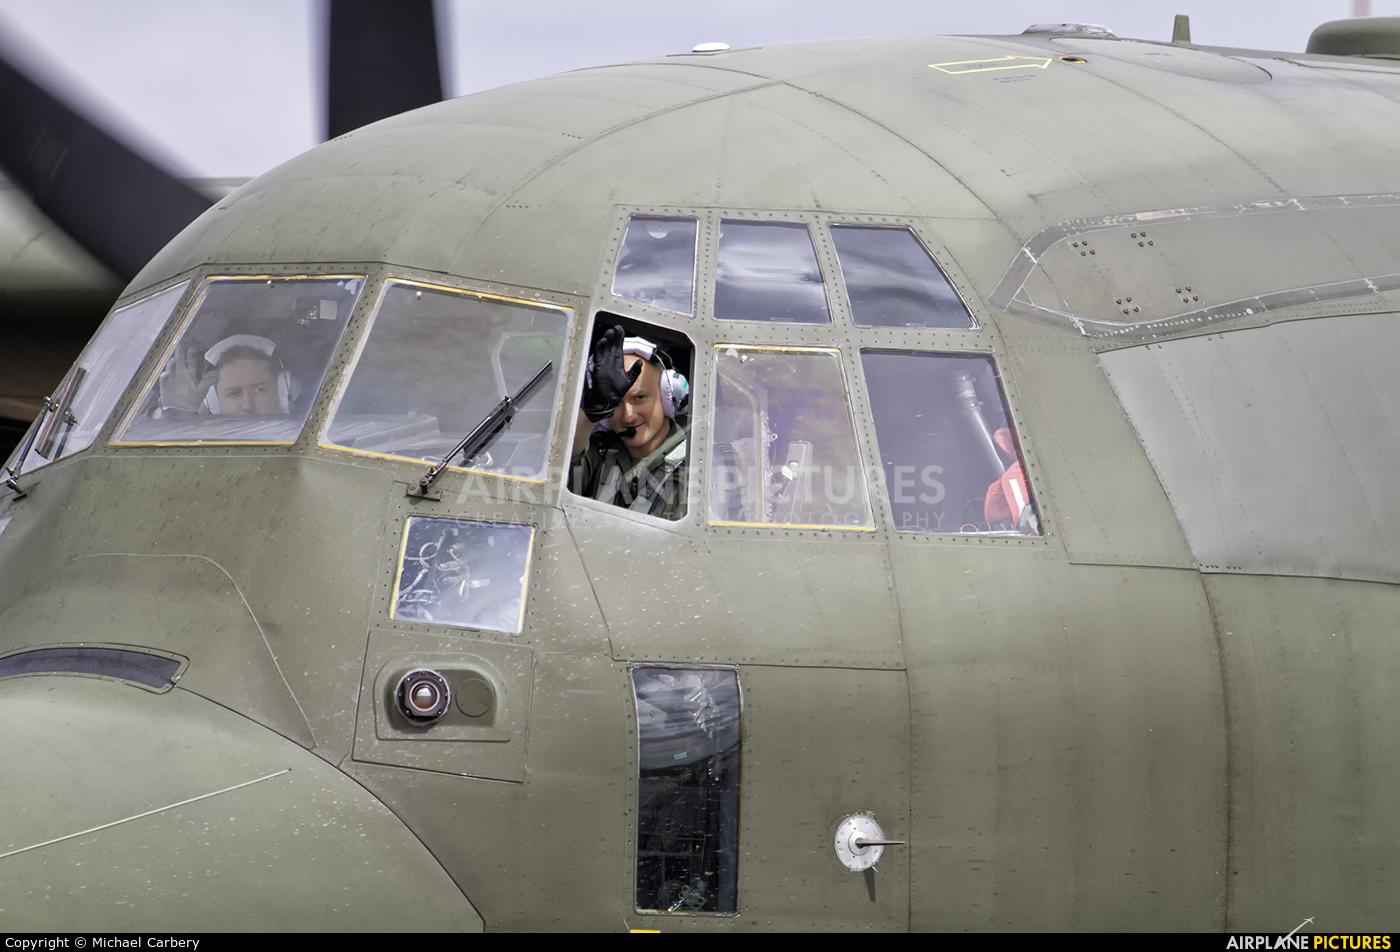 Royal Air Force ZH883 aircraft at Fairford